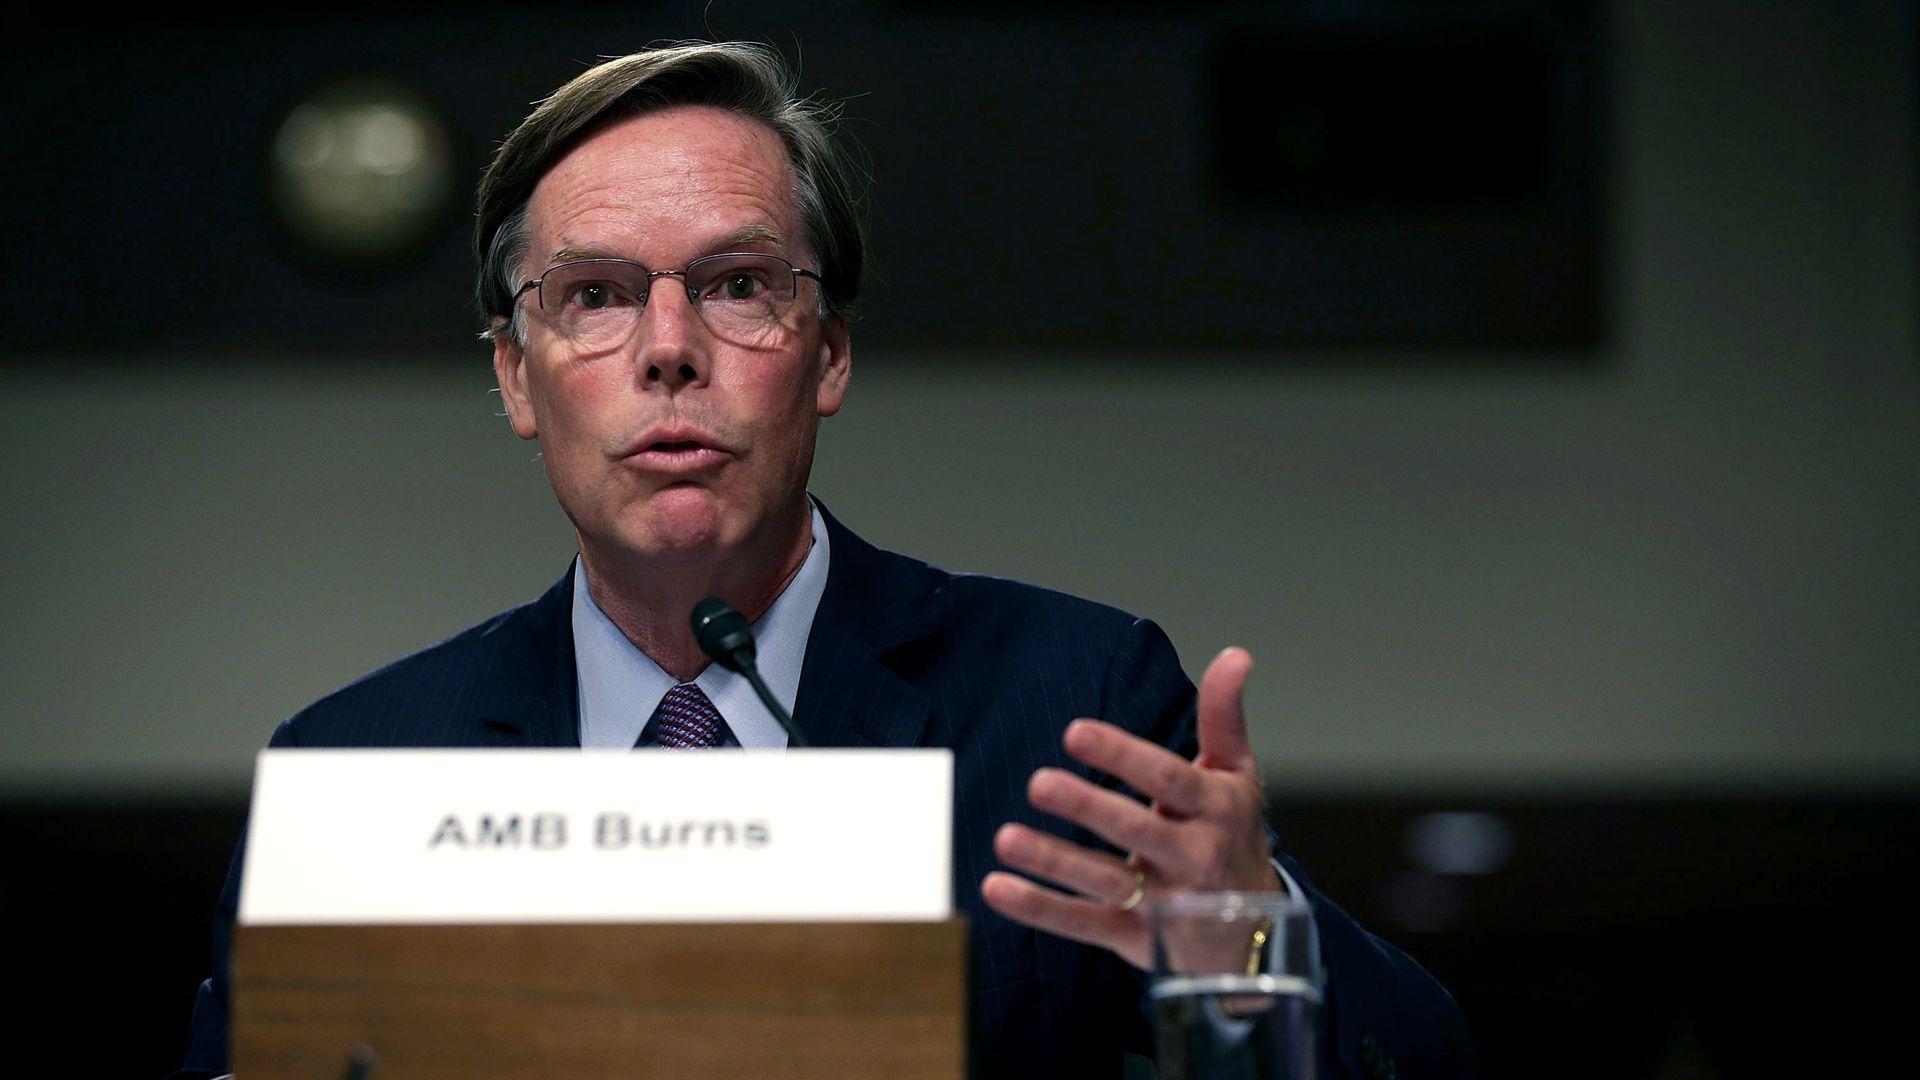 职业外交官伯恩斯或将出任美国驻华大使